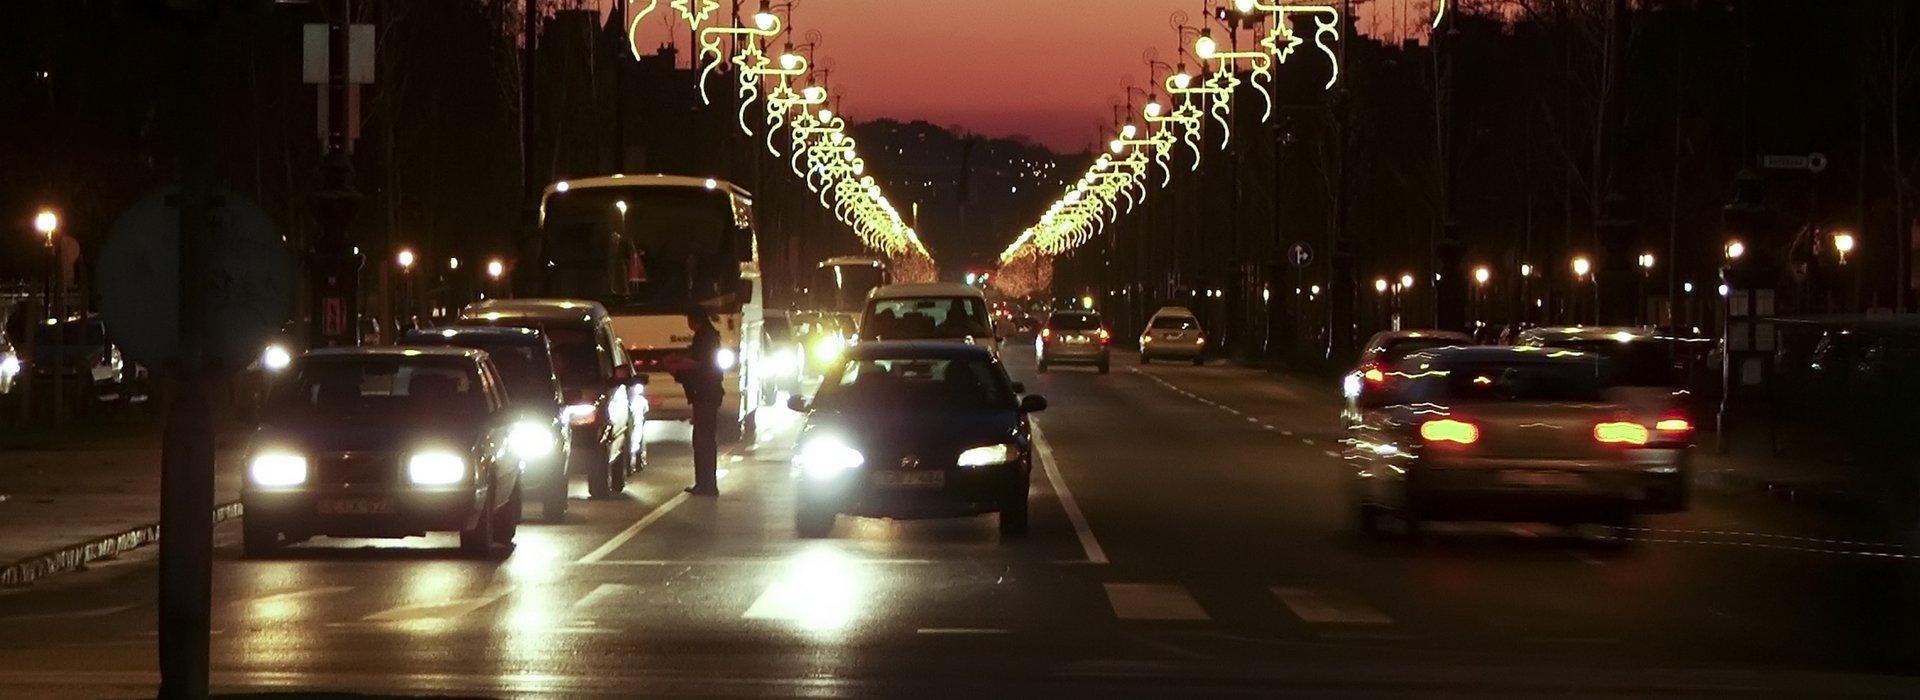 Mit dem Auto in Budapest